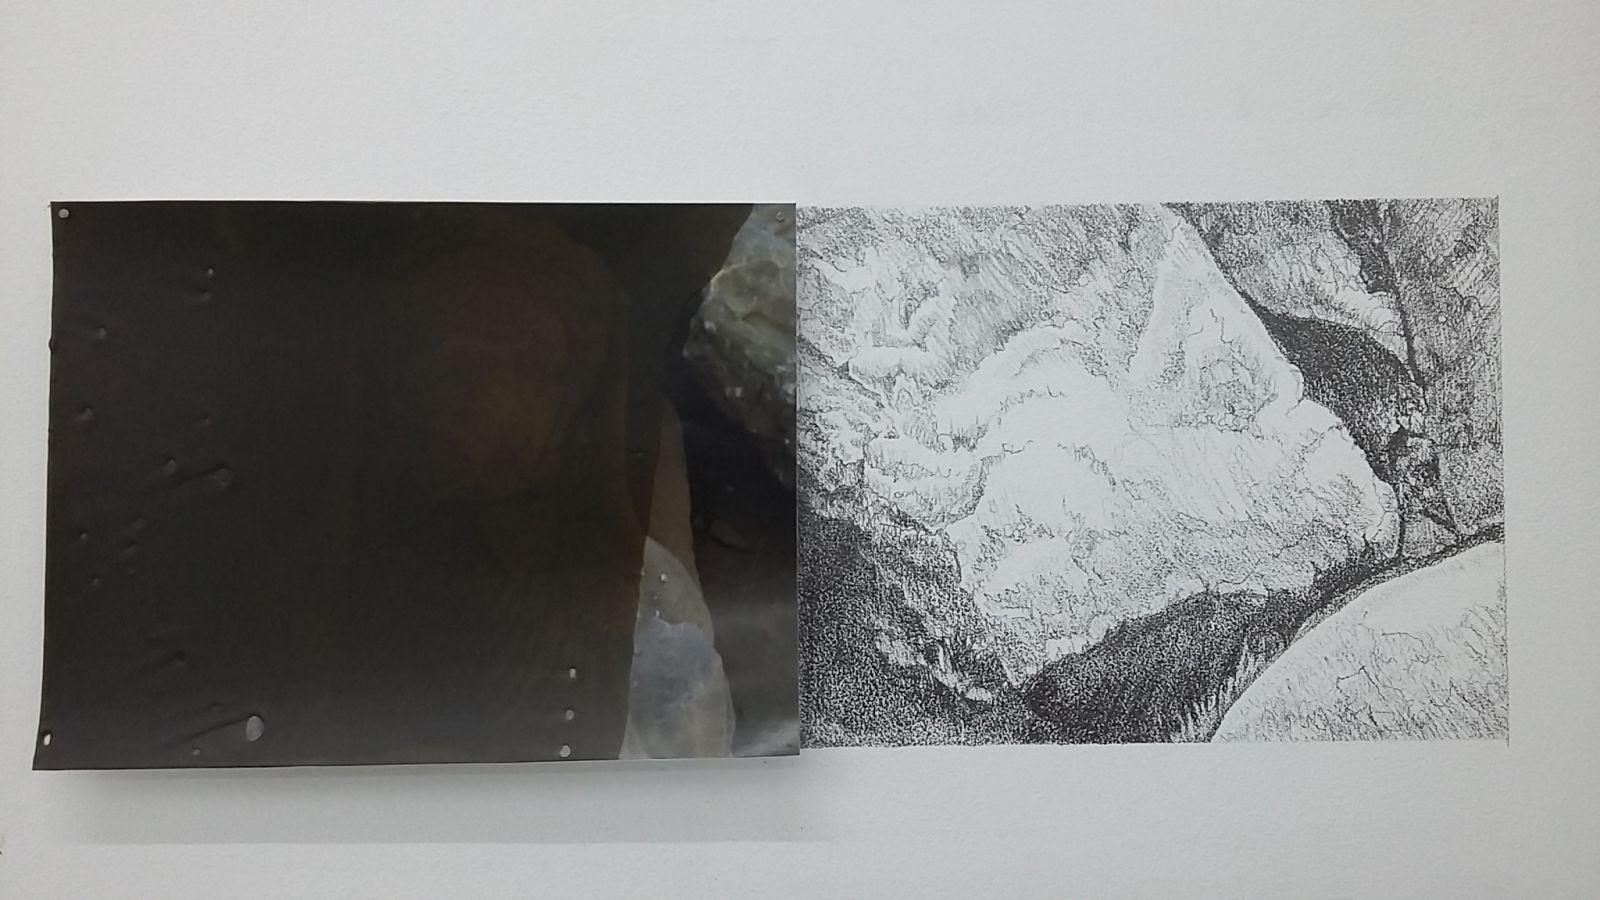 08-coraline-de-chiara-julien-verhaeghe-variation-reelle-cire-sur-tirage-numerique-et-mine-de-plomb-sur-mur-7x14cm-2016-9e59cd84a30d0755e97e30252766cff5